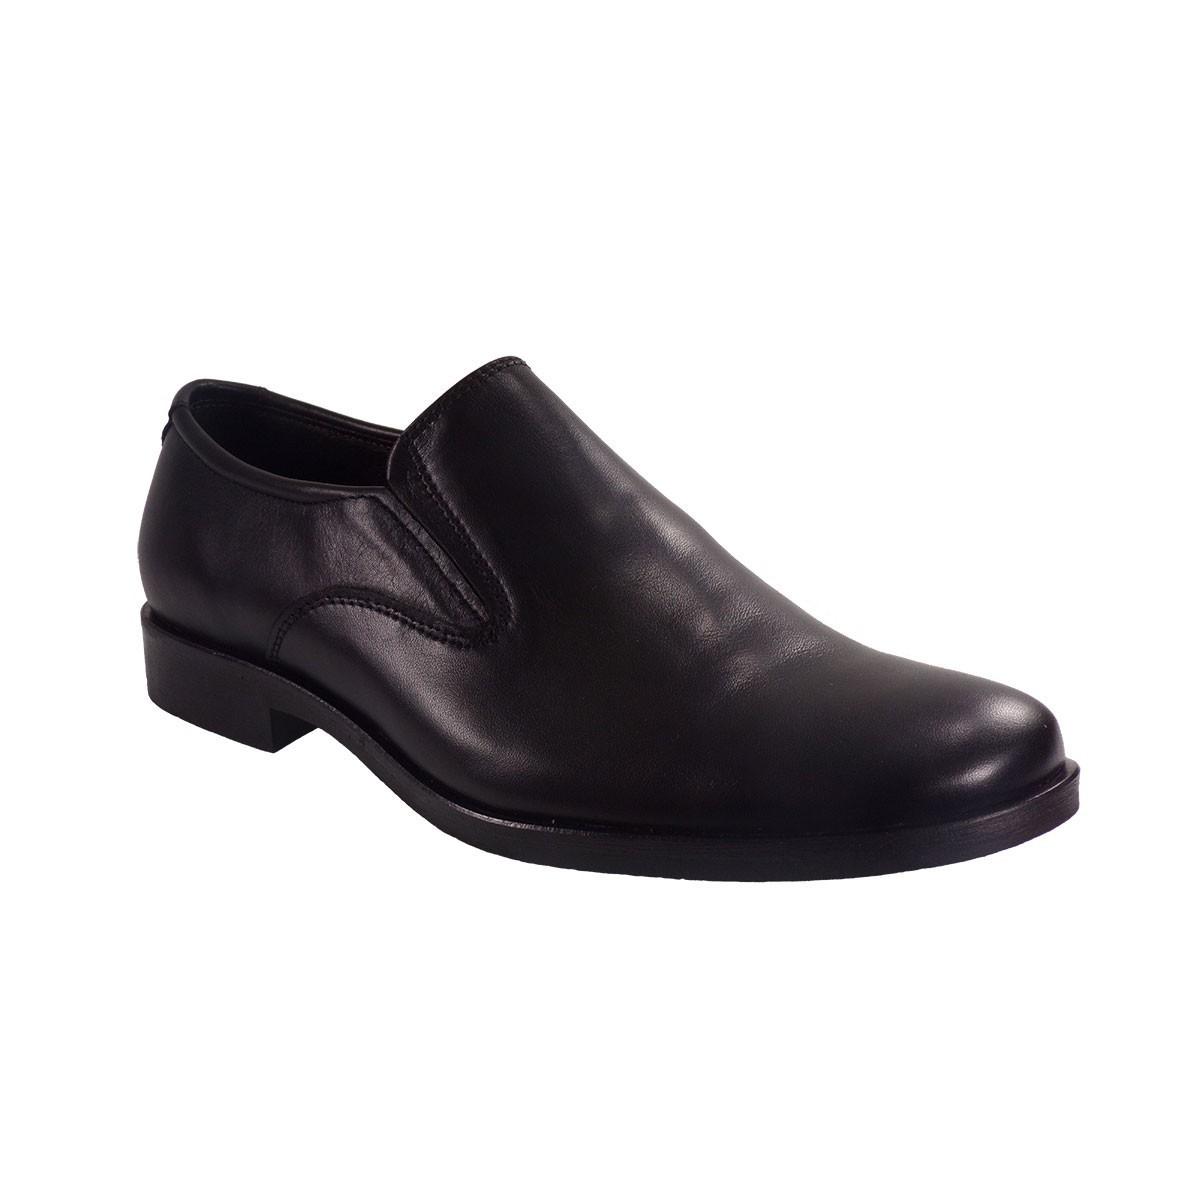 Vero Shoes Παπούτσια Αντρικά 2 Μαύρο Δέρμα